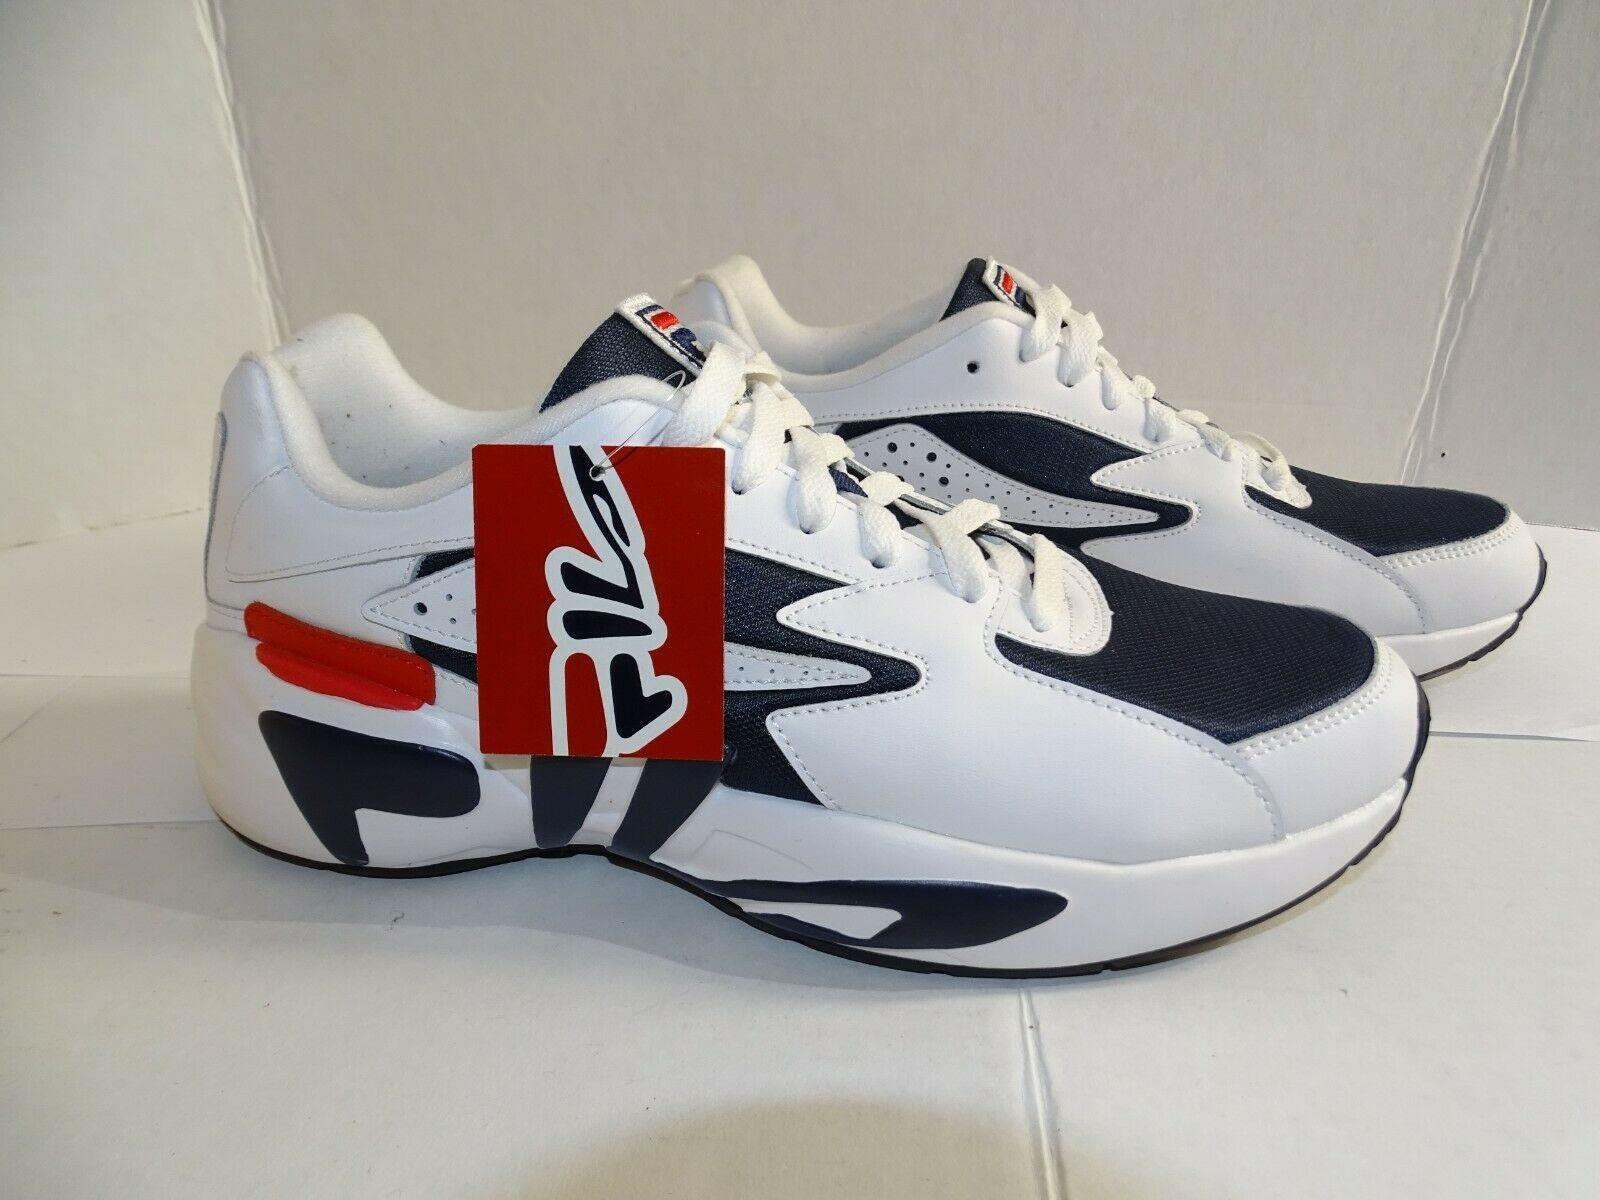 194f815b25 Men's Fila MINDBLOWER Shoes White and 50 similar items. S l1600